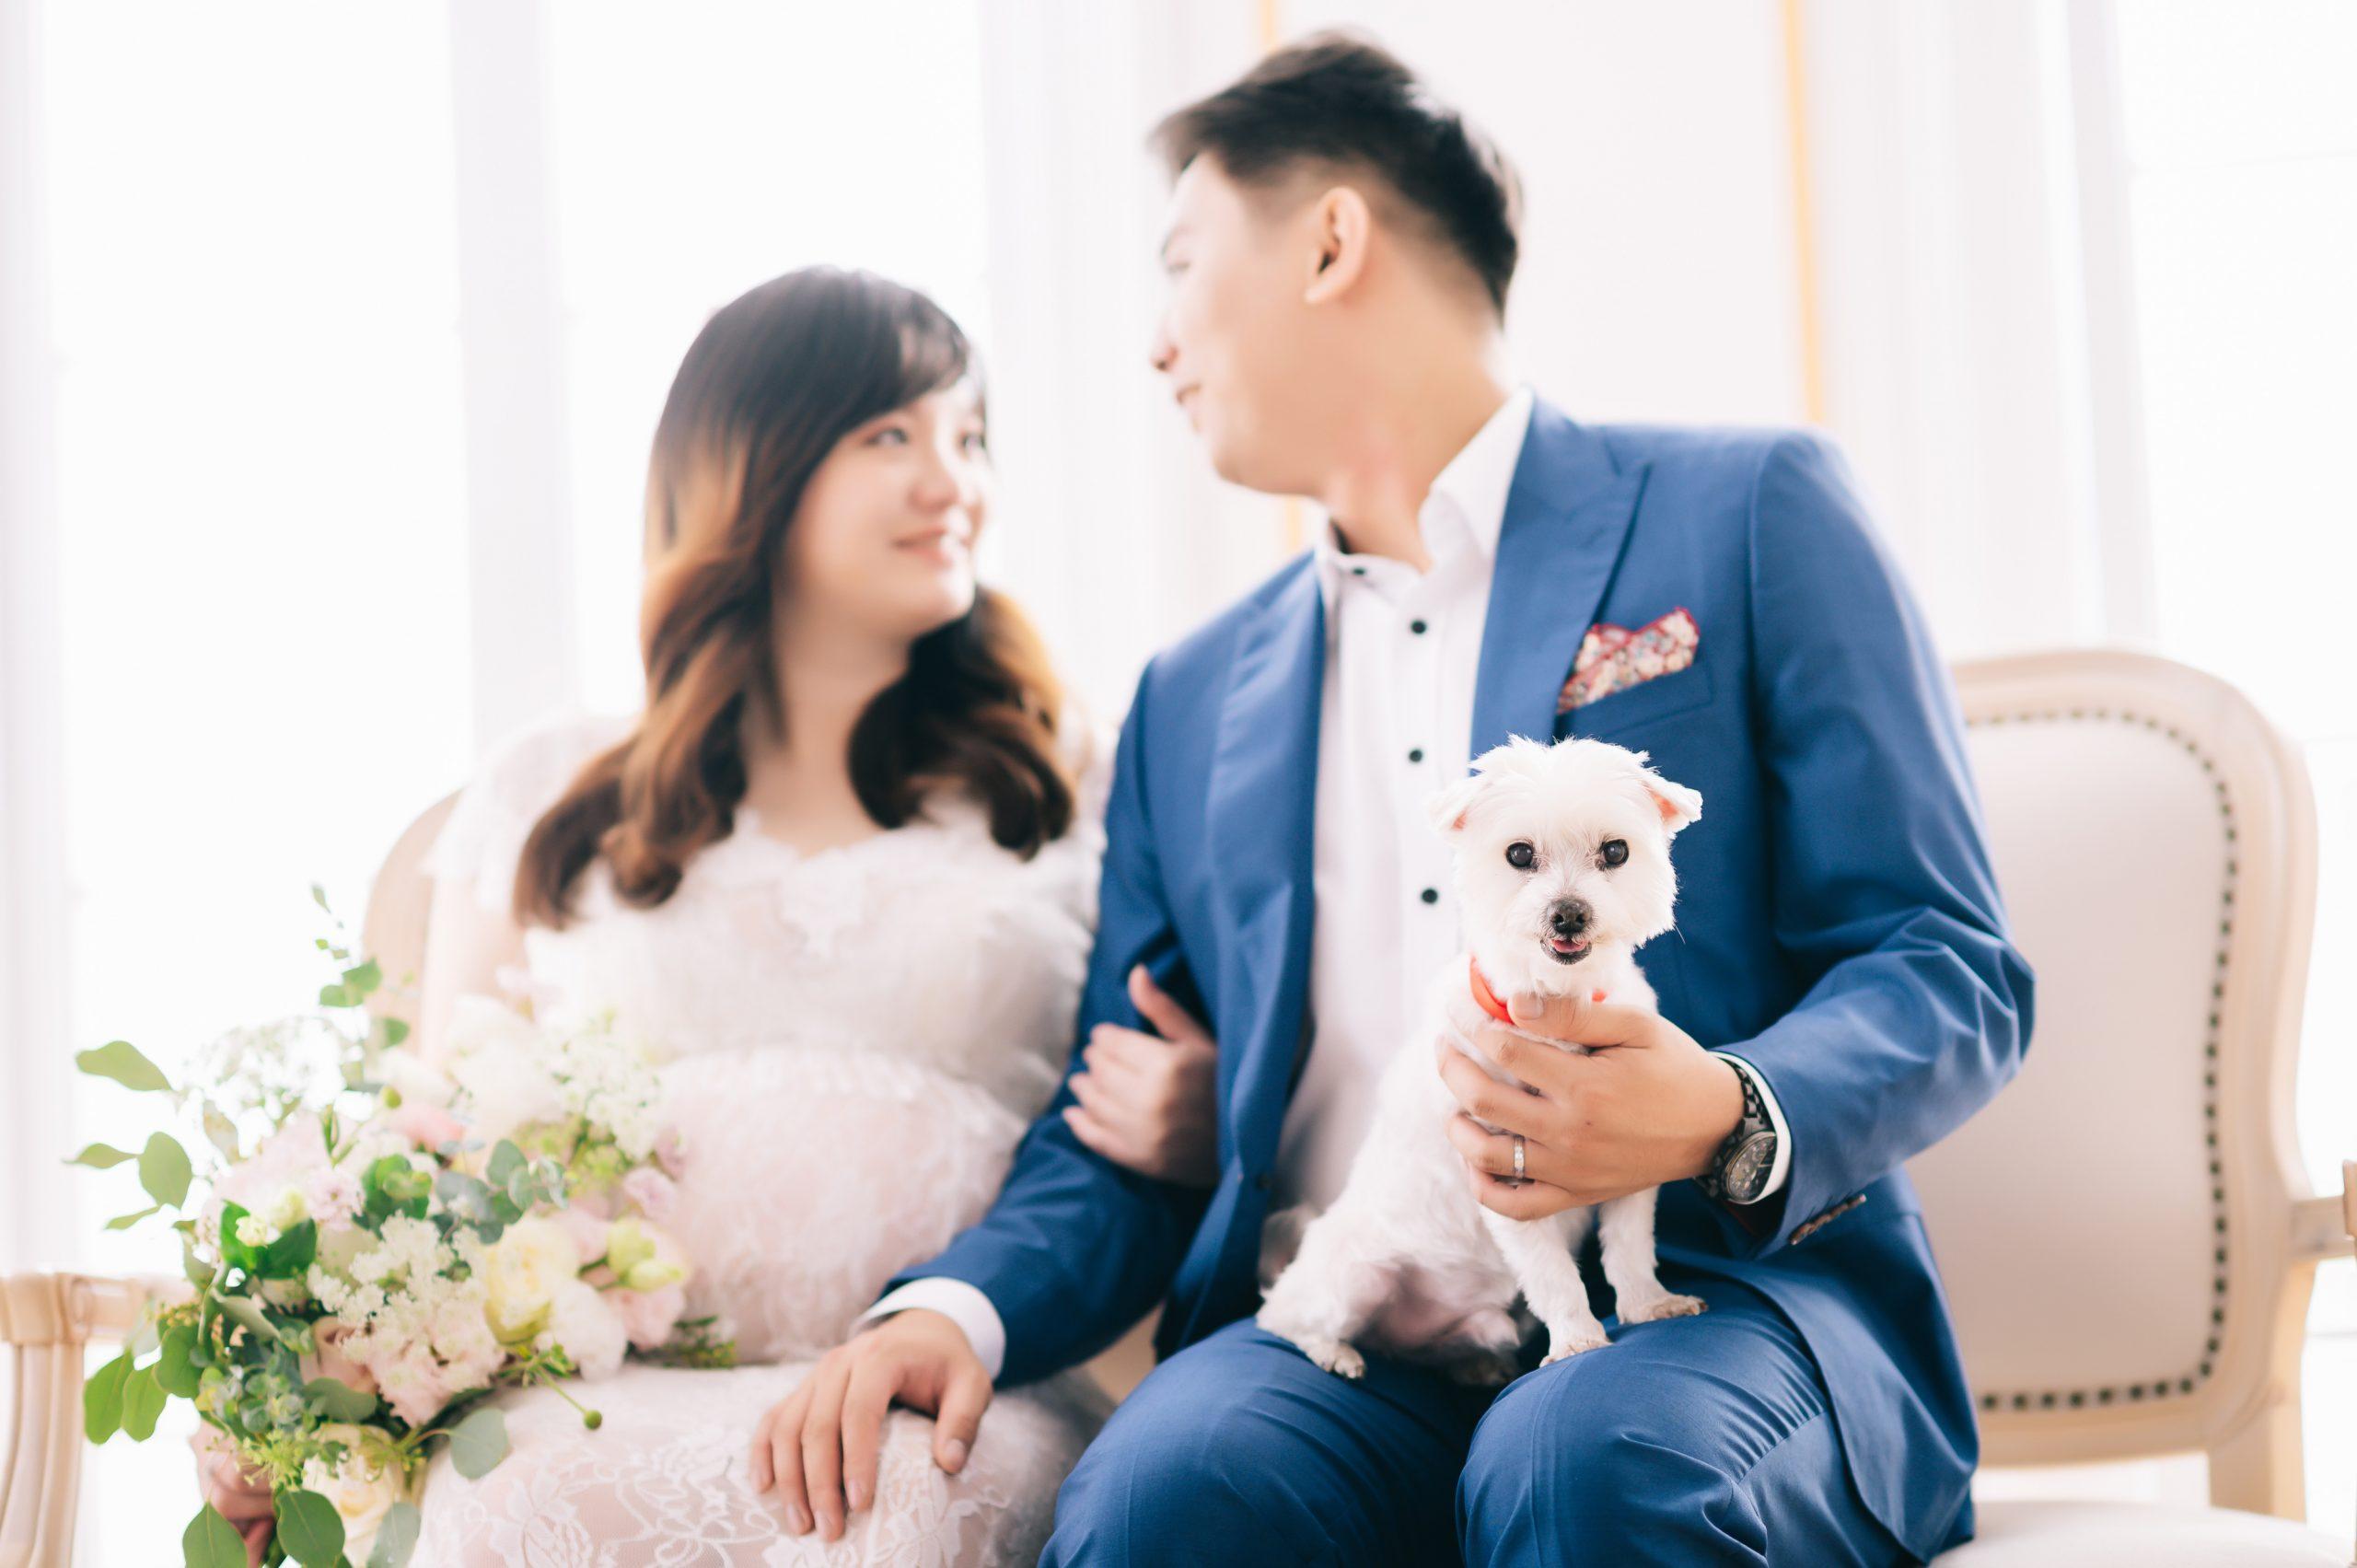 台中孕婦照推薦 怡君+胖胖 孕婦照 寵物寫真